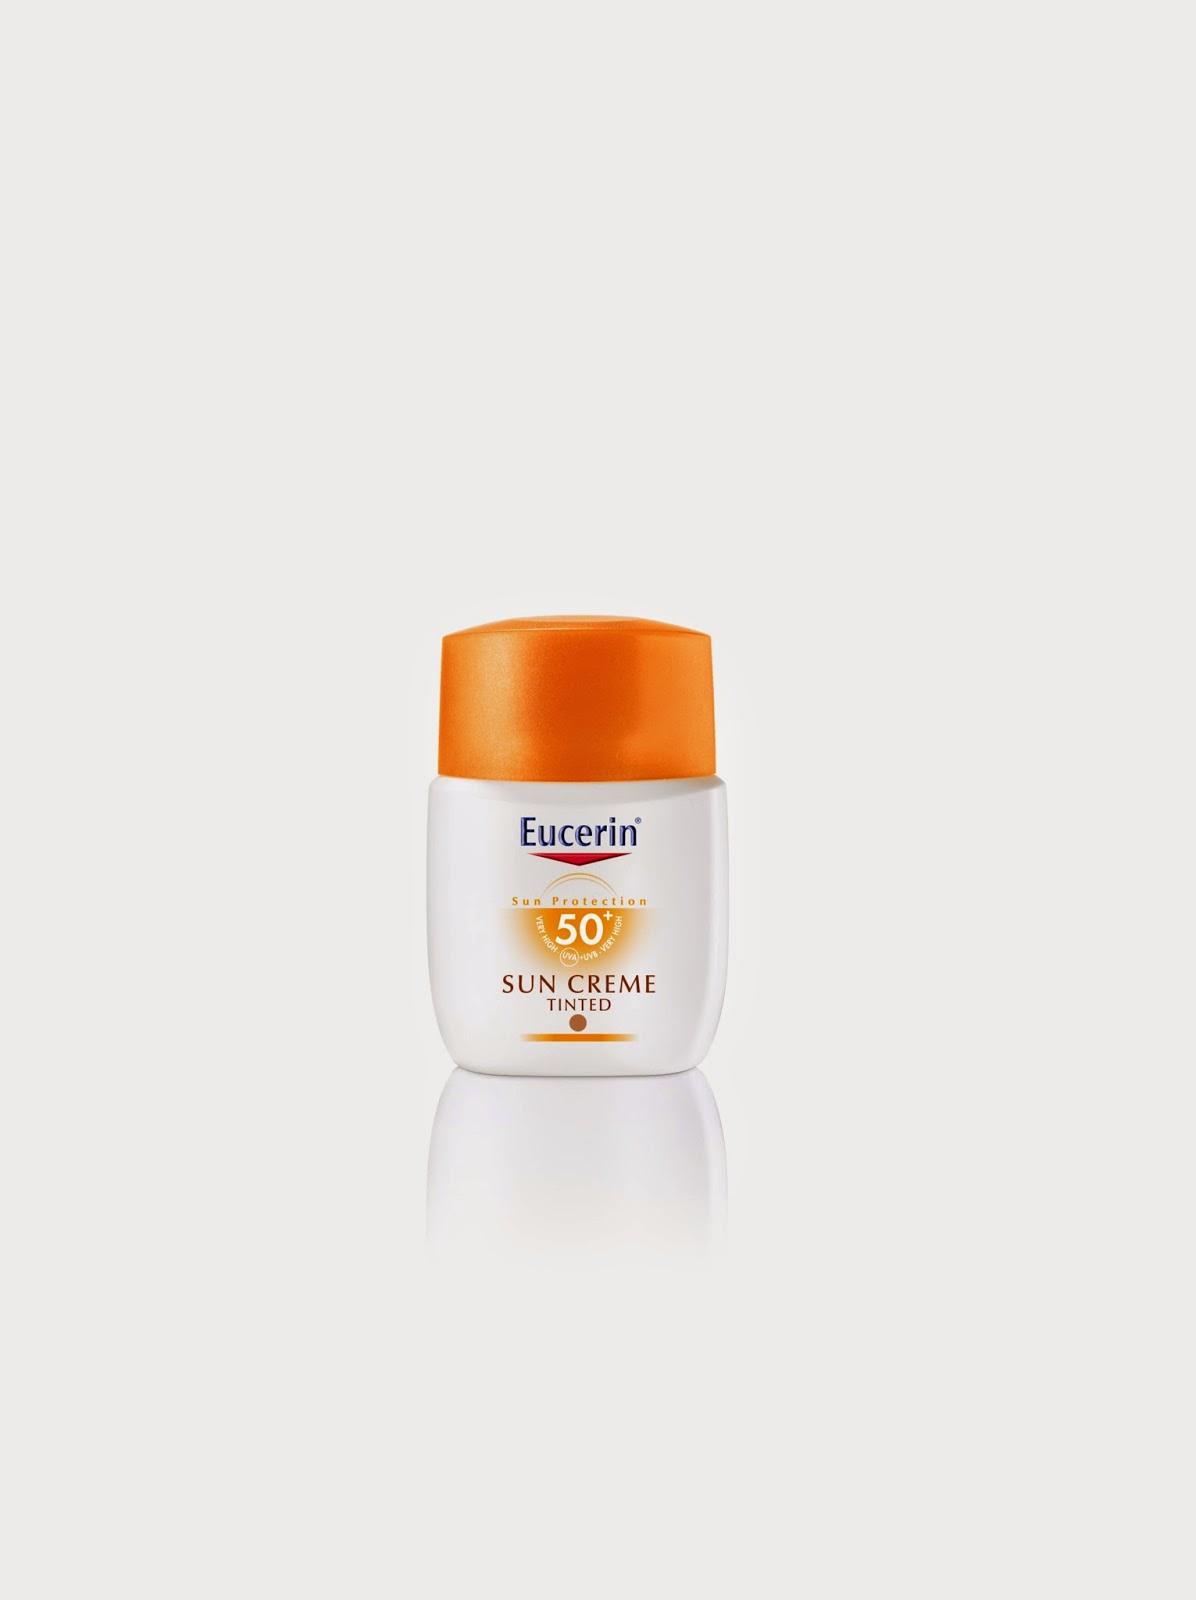 563b74ebb8b Eucerin® Sun lança Creme Solar Rosto com Cor FPS 50+